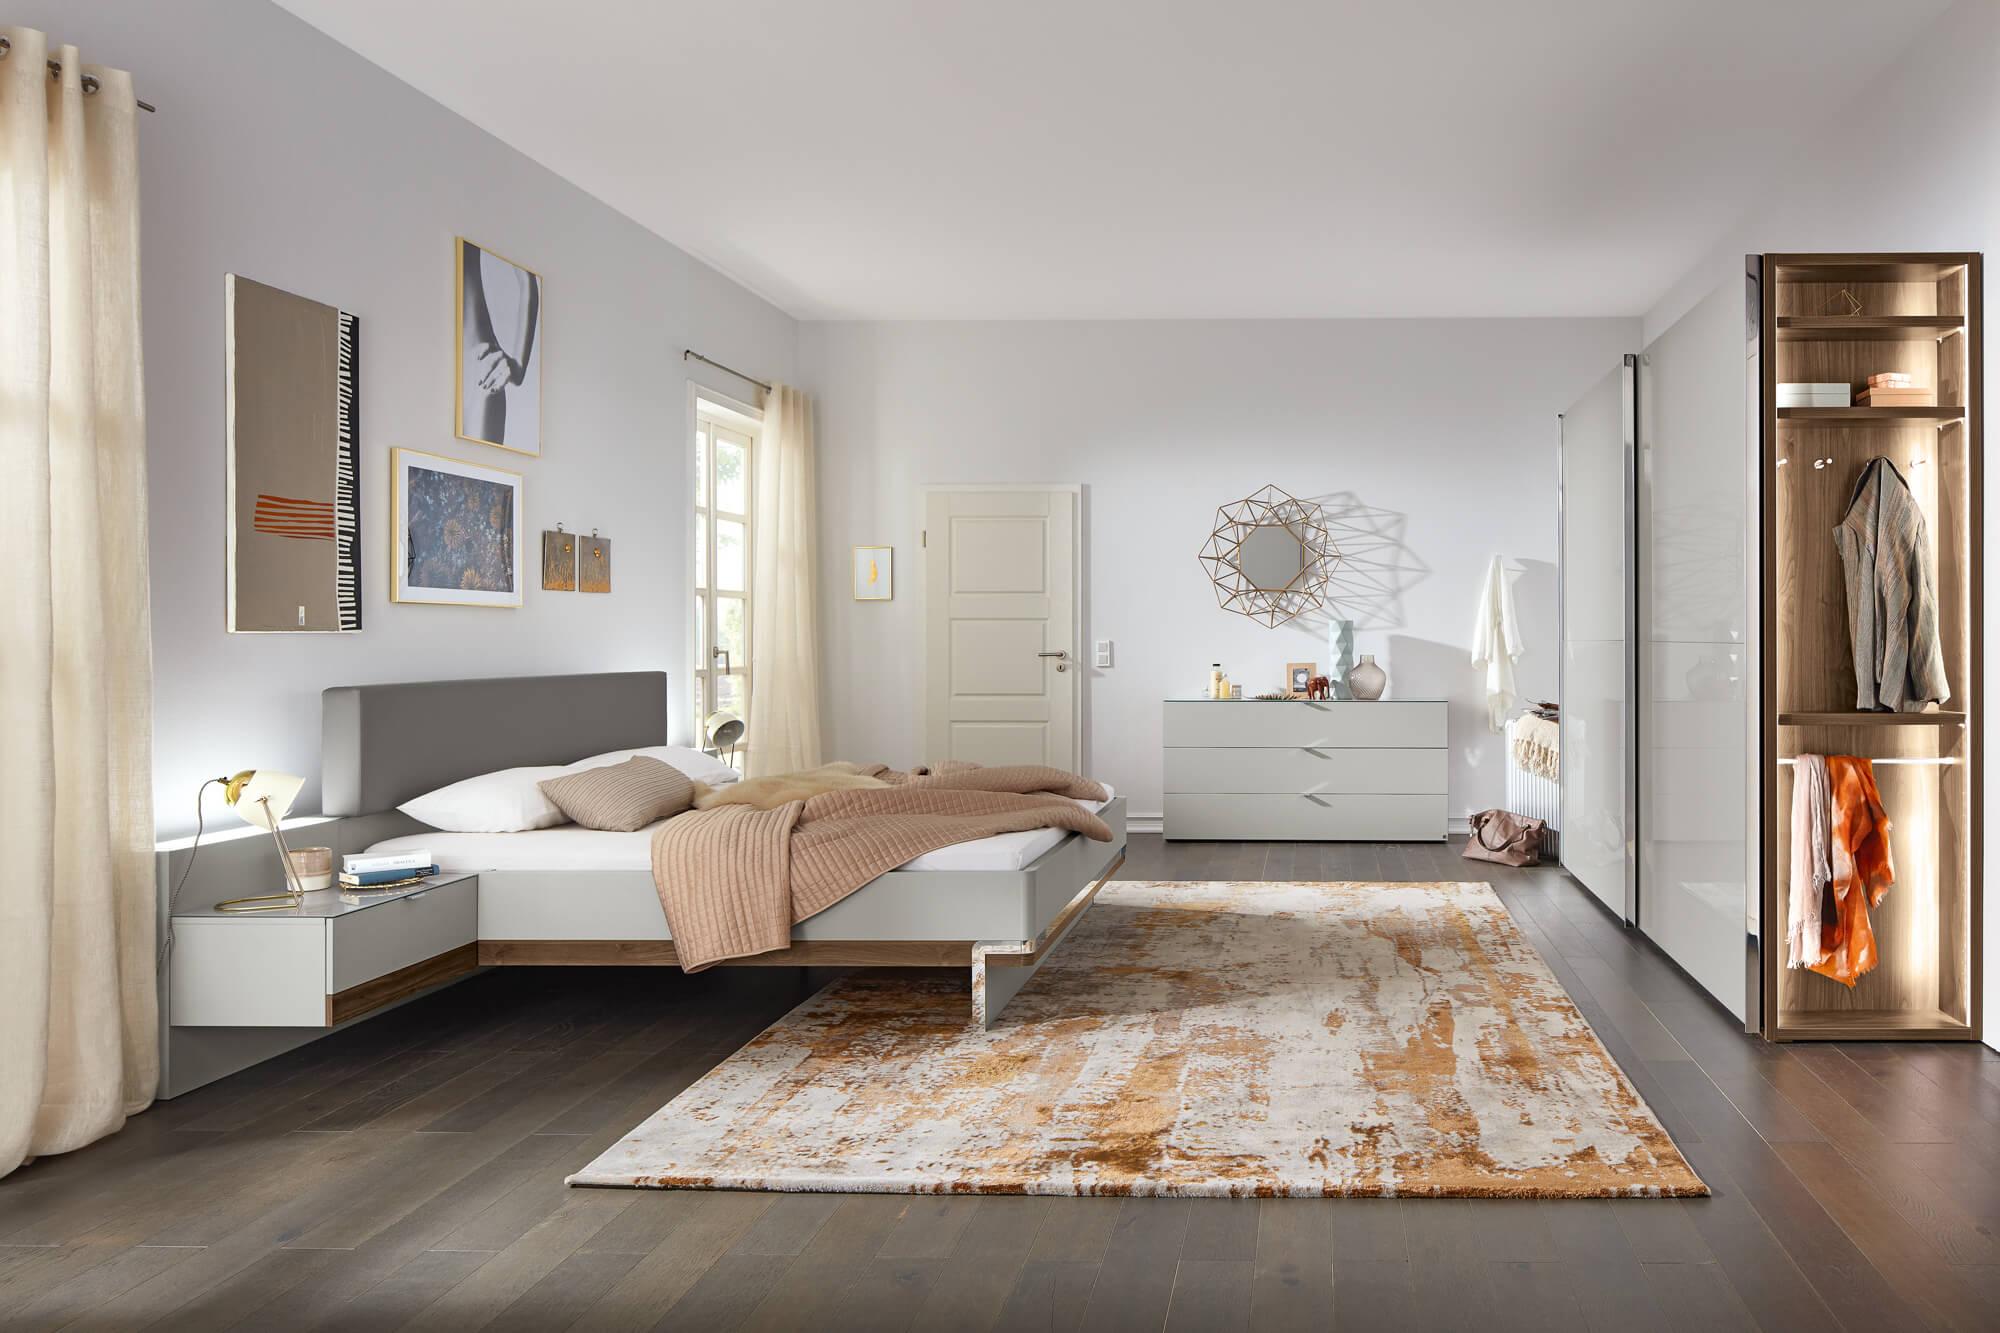 Full Size of Schlafzimmer Sessel Massivholz Komplett Poco Regal Wandbilder Günstige Betten Wiemann Stuhl Für Tapeten Wohnzimmer Dekoration Schlafzimmer